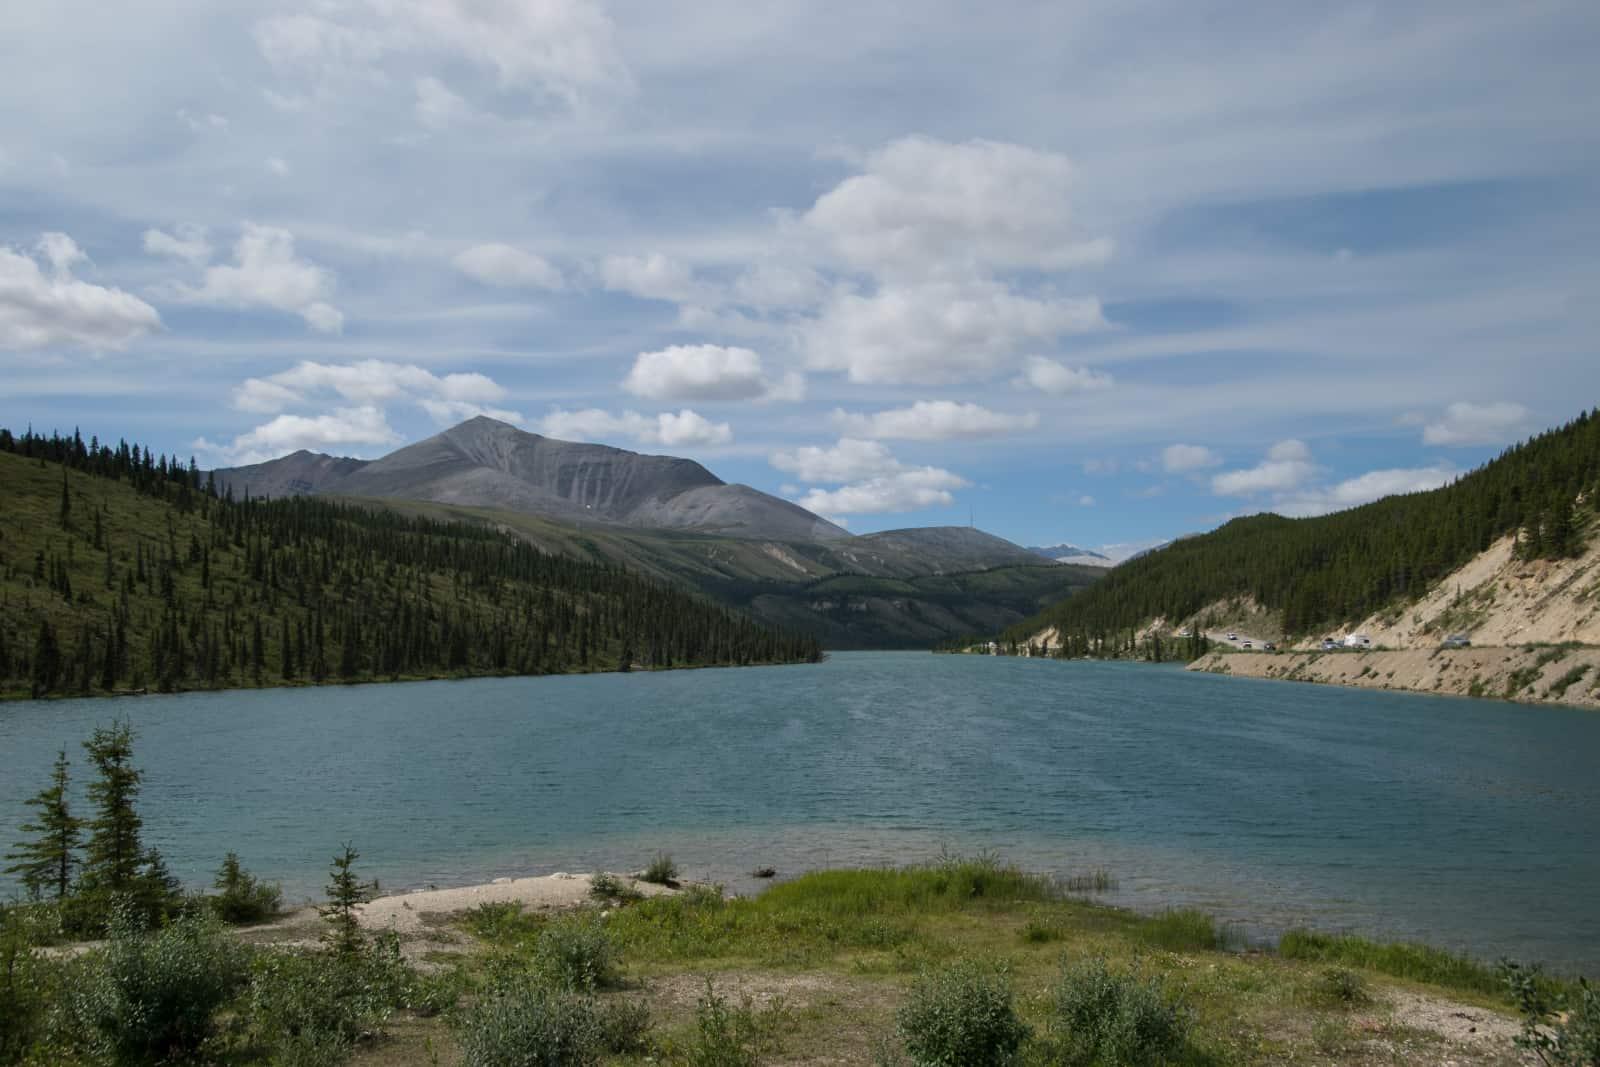 Der herrlich gelegene Summit Lake lädt zur Rast ein. Der Campingplatz war gut frequentiert, was aber bei der grandiosen Landschaft kein Wunder ist. Foto Daniela Ganz